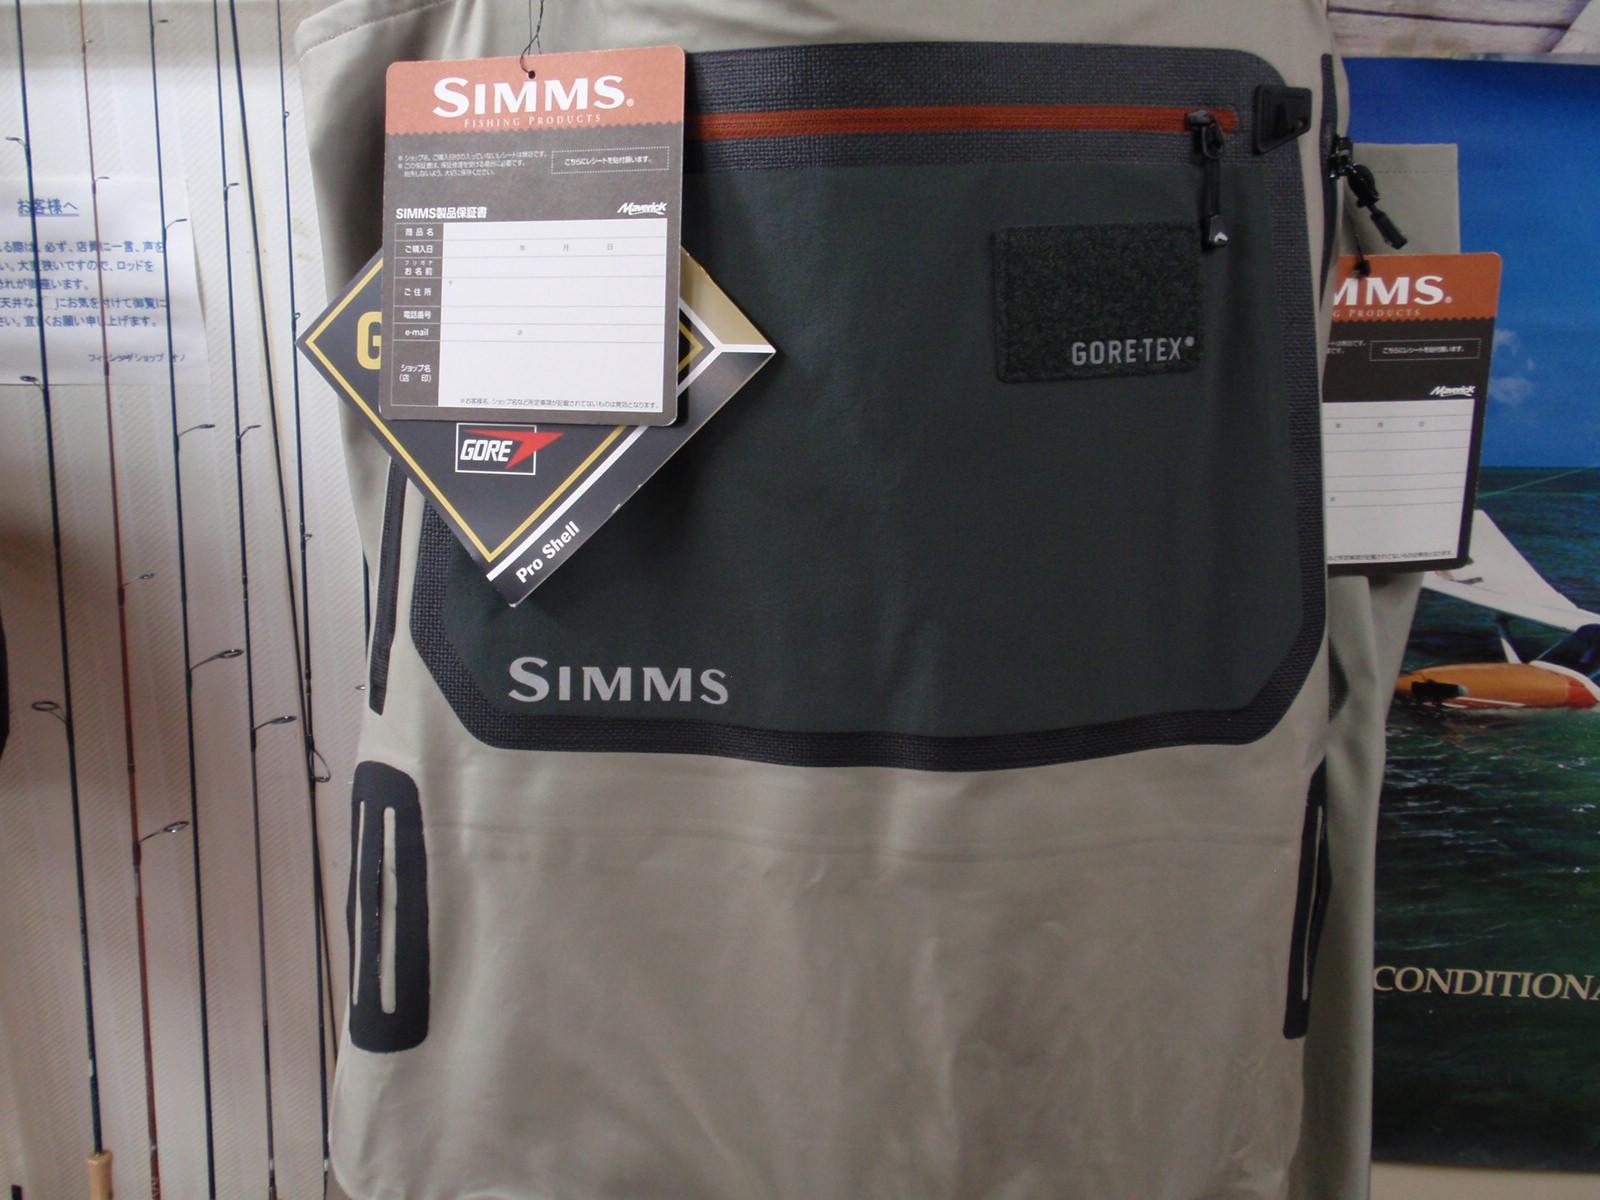 ・SIMMS_a0165135_21244012.jpg